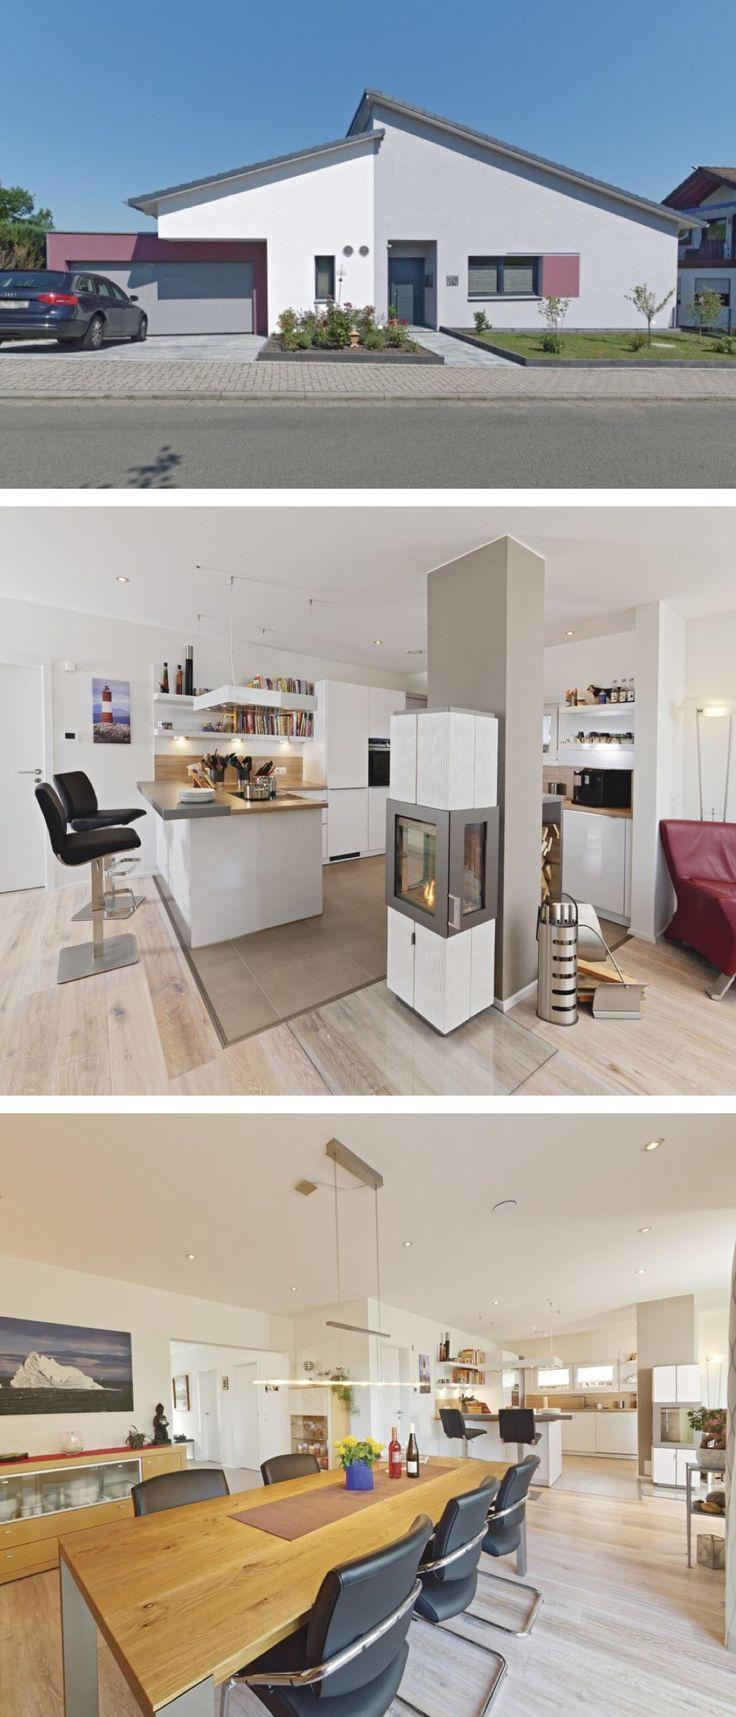 Moderner Winkelbungalow Mit Garage Pultdach Architektur Versetzt